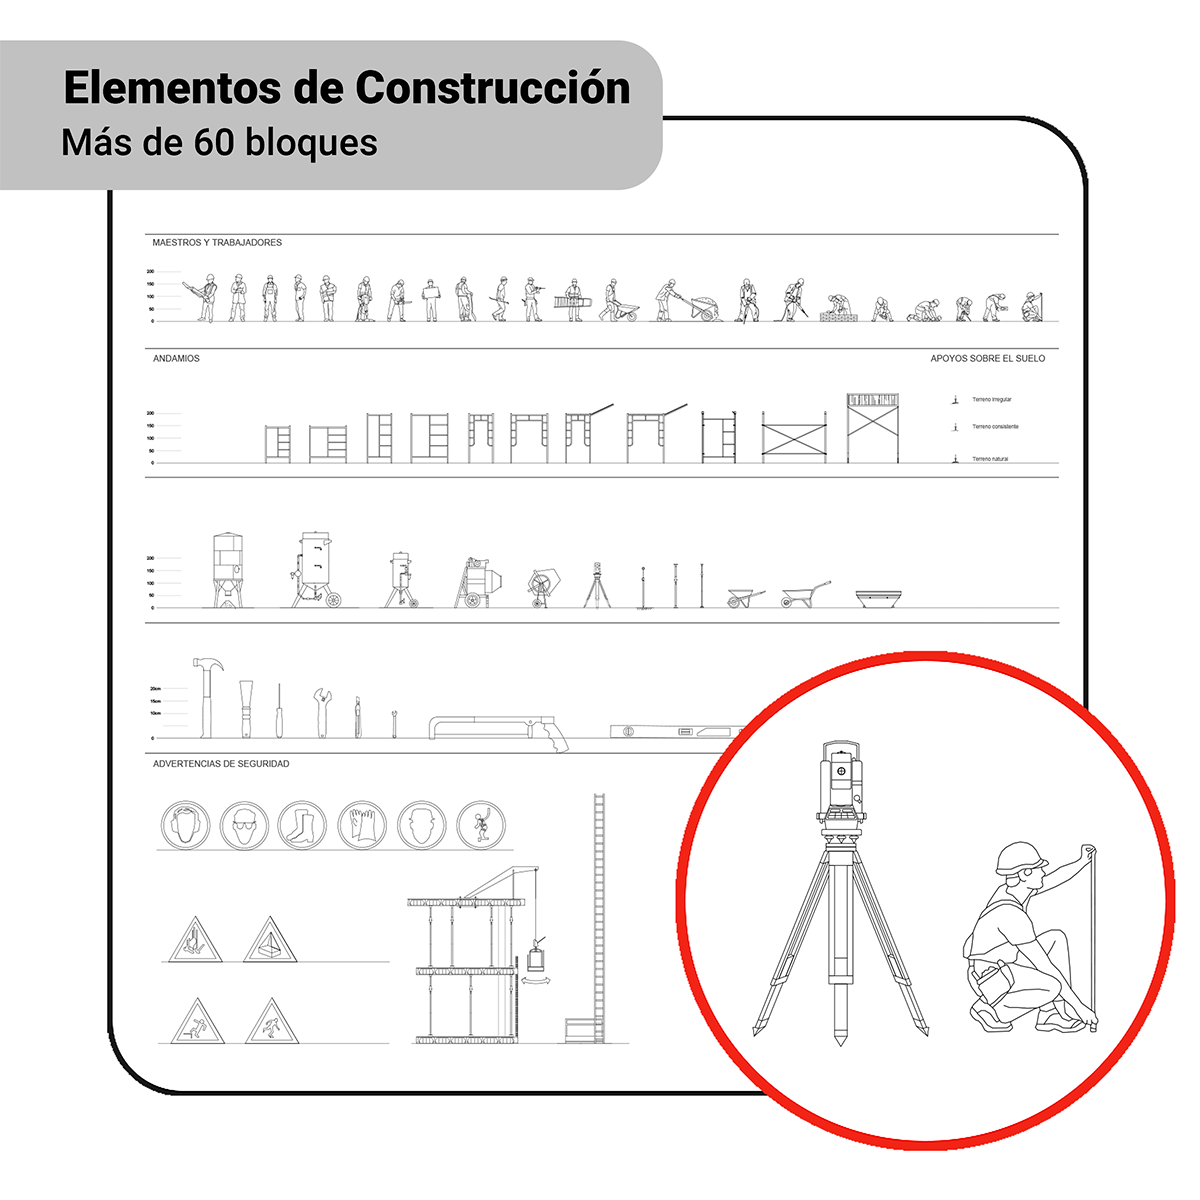 Bloques: Elementos de Construcción